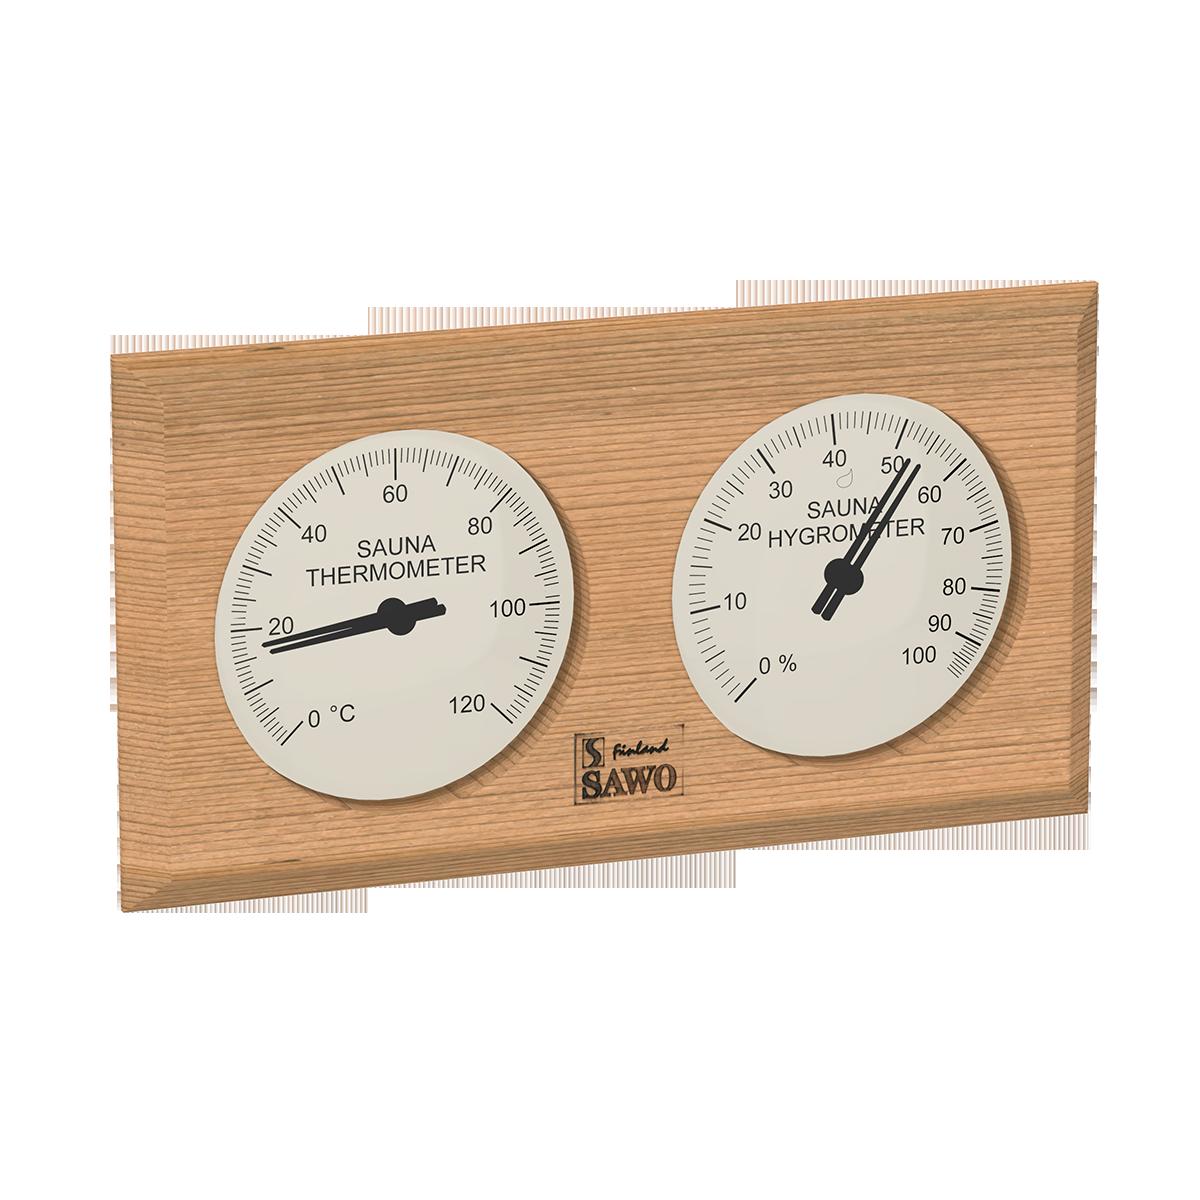 Термометры и гигрометры: Термогигрометр SAWO 221-THED термометры и гигрометры гигрометр sawo 170 hmd